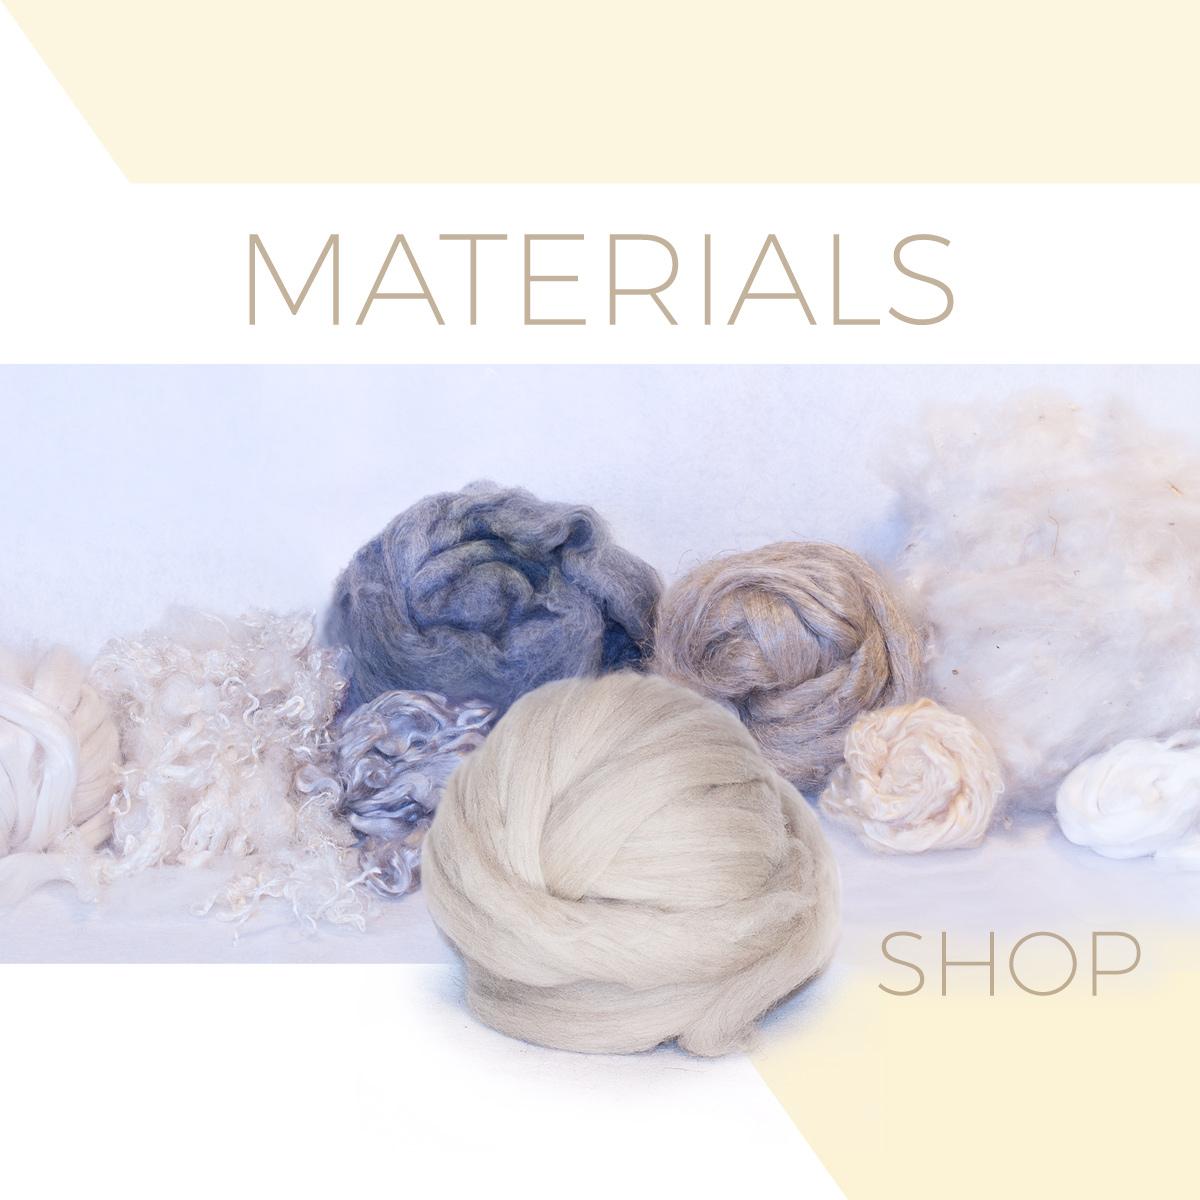 Material for felting